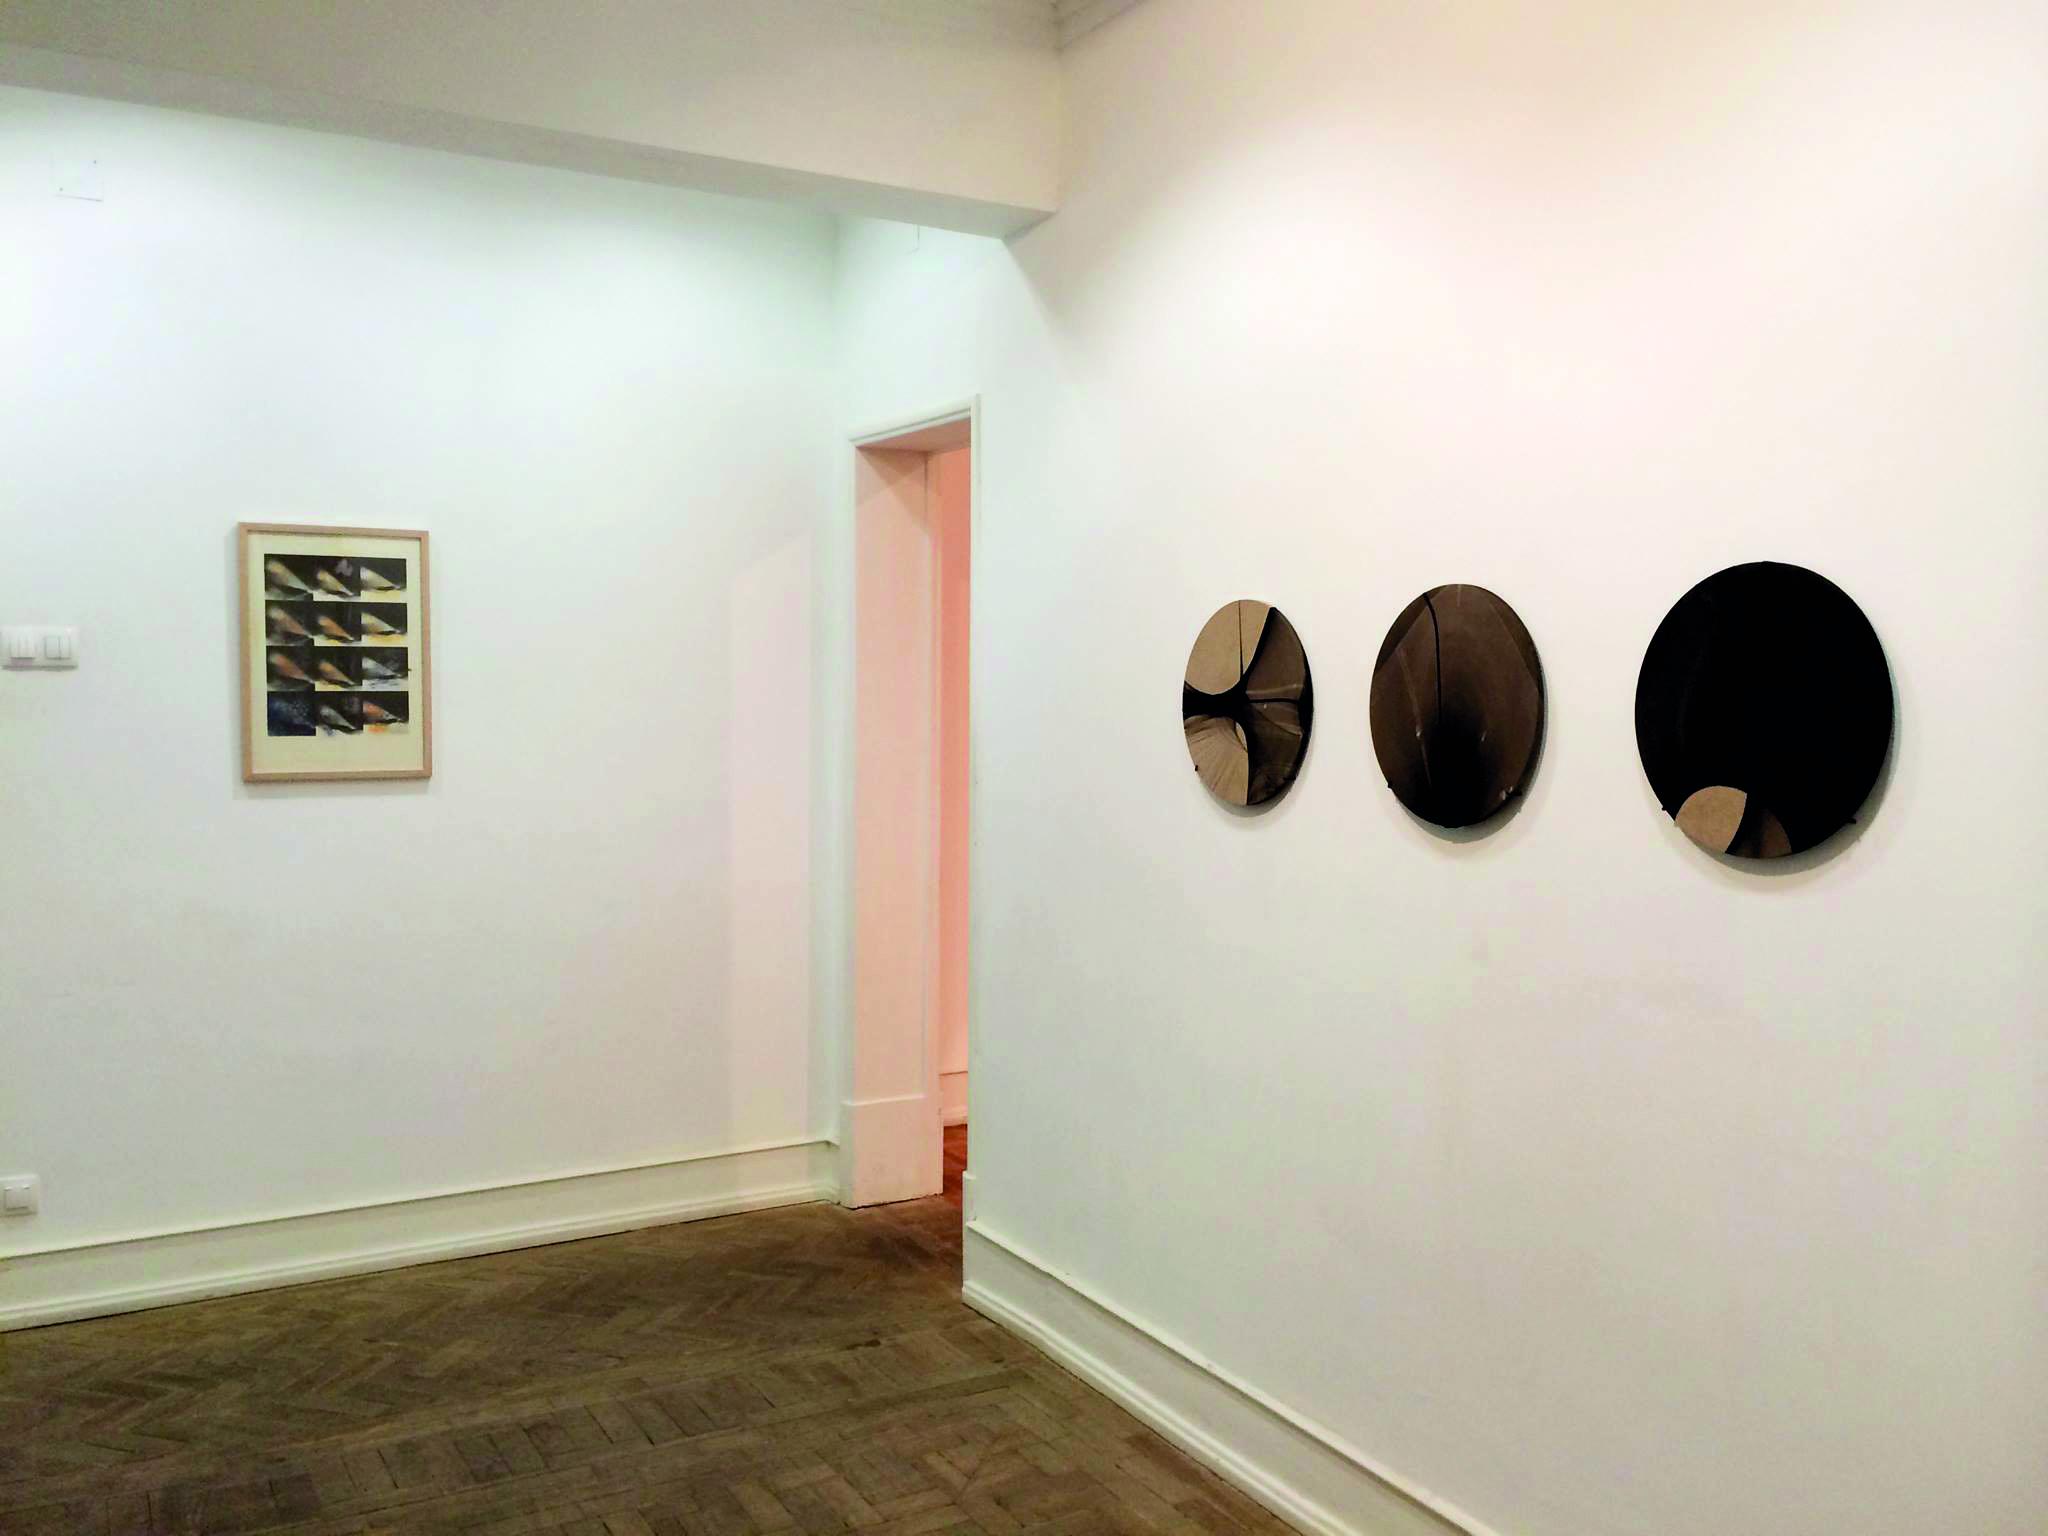 """Vista da exposição """"PAPERWORKS II, além do desenho"""" com obras de Ernesto de Sousa, e Juliane Solmsdorf na Galeria Belo-Galsterer"""